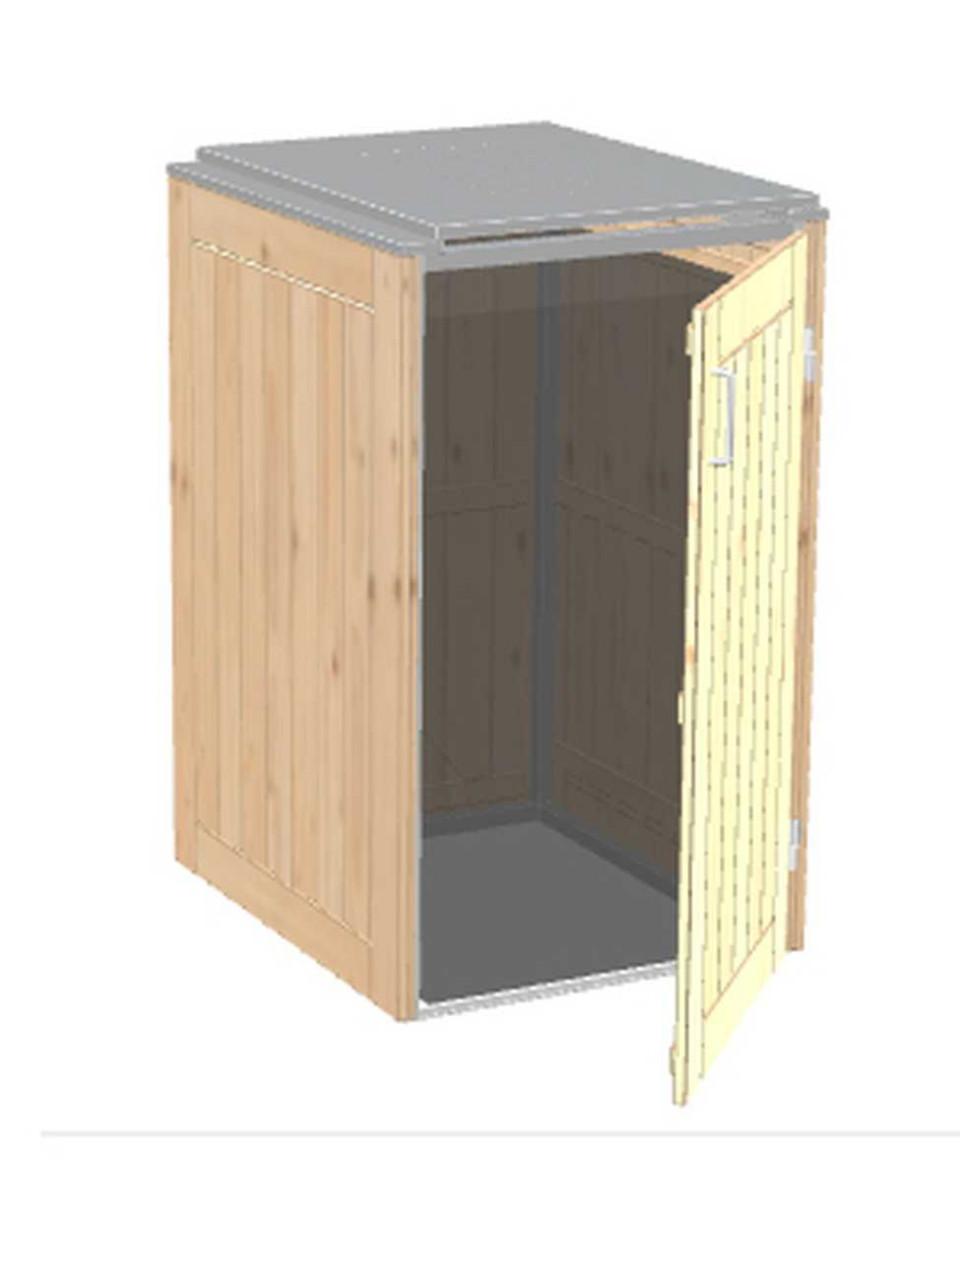 Müllbox Binto Nadelholzverkleidung mit Edelstahl-Klappdeckel